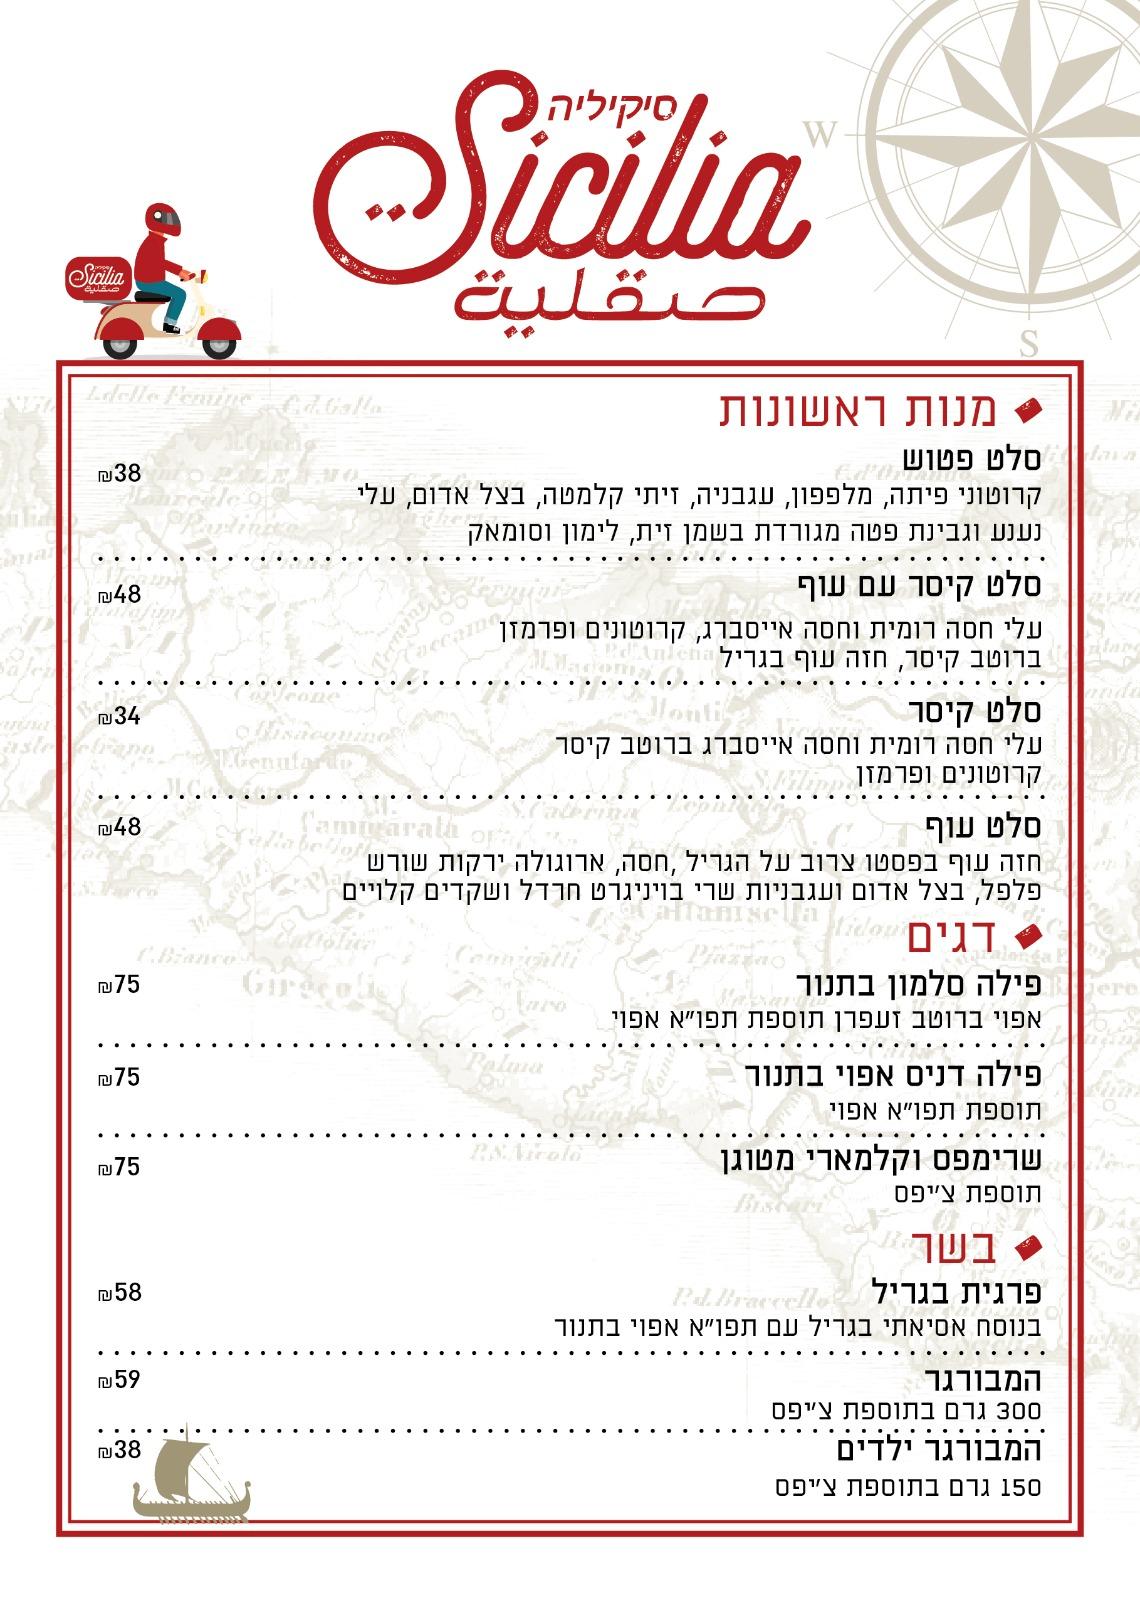 ابتداءً من اليوم - خدمة التوصيل الى البيوت متوفرة في مطعم صقلية بميناء يافا